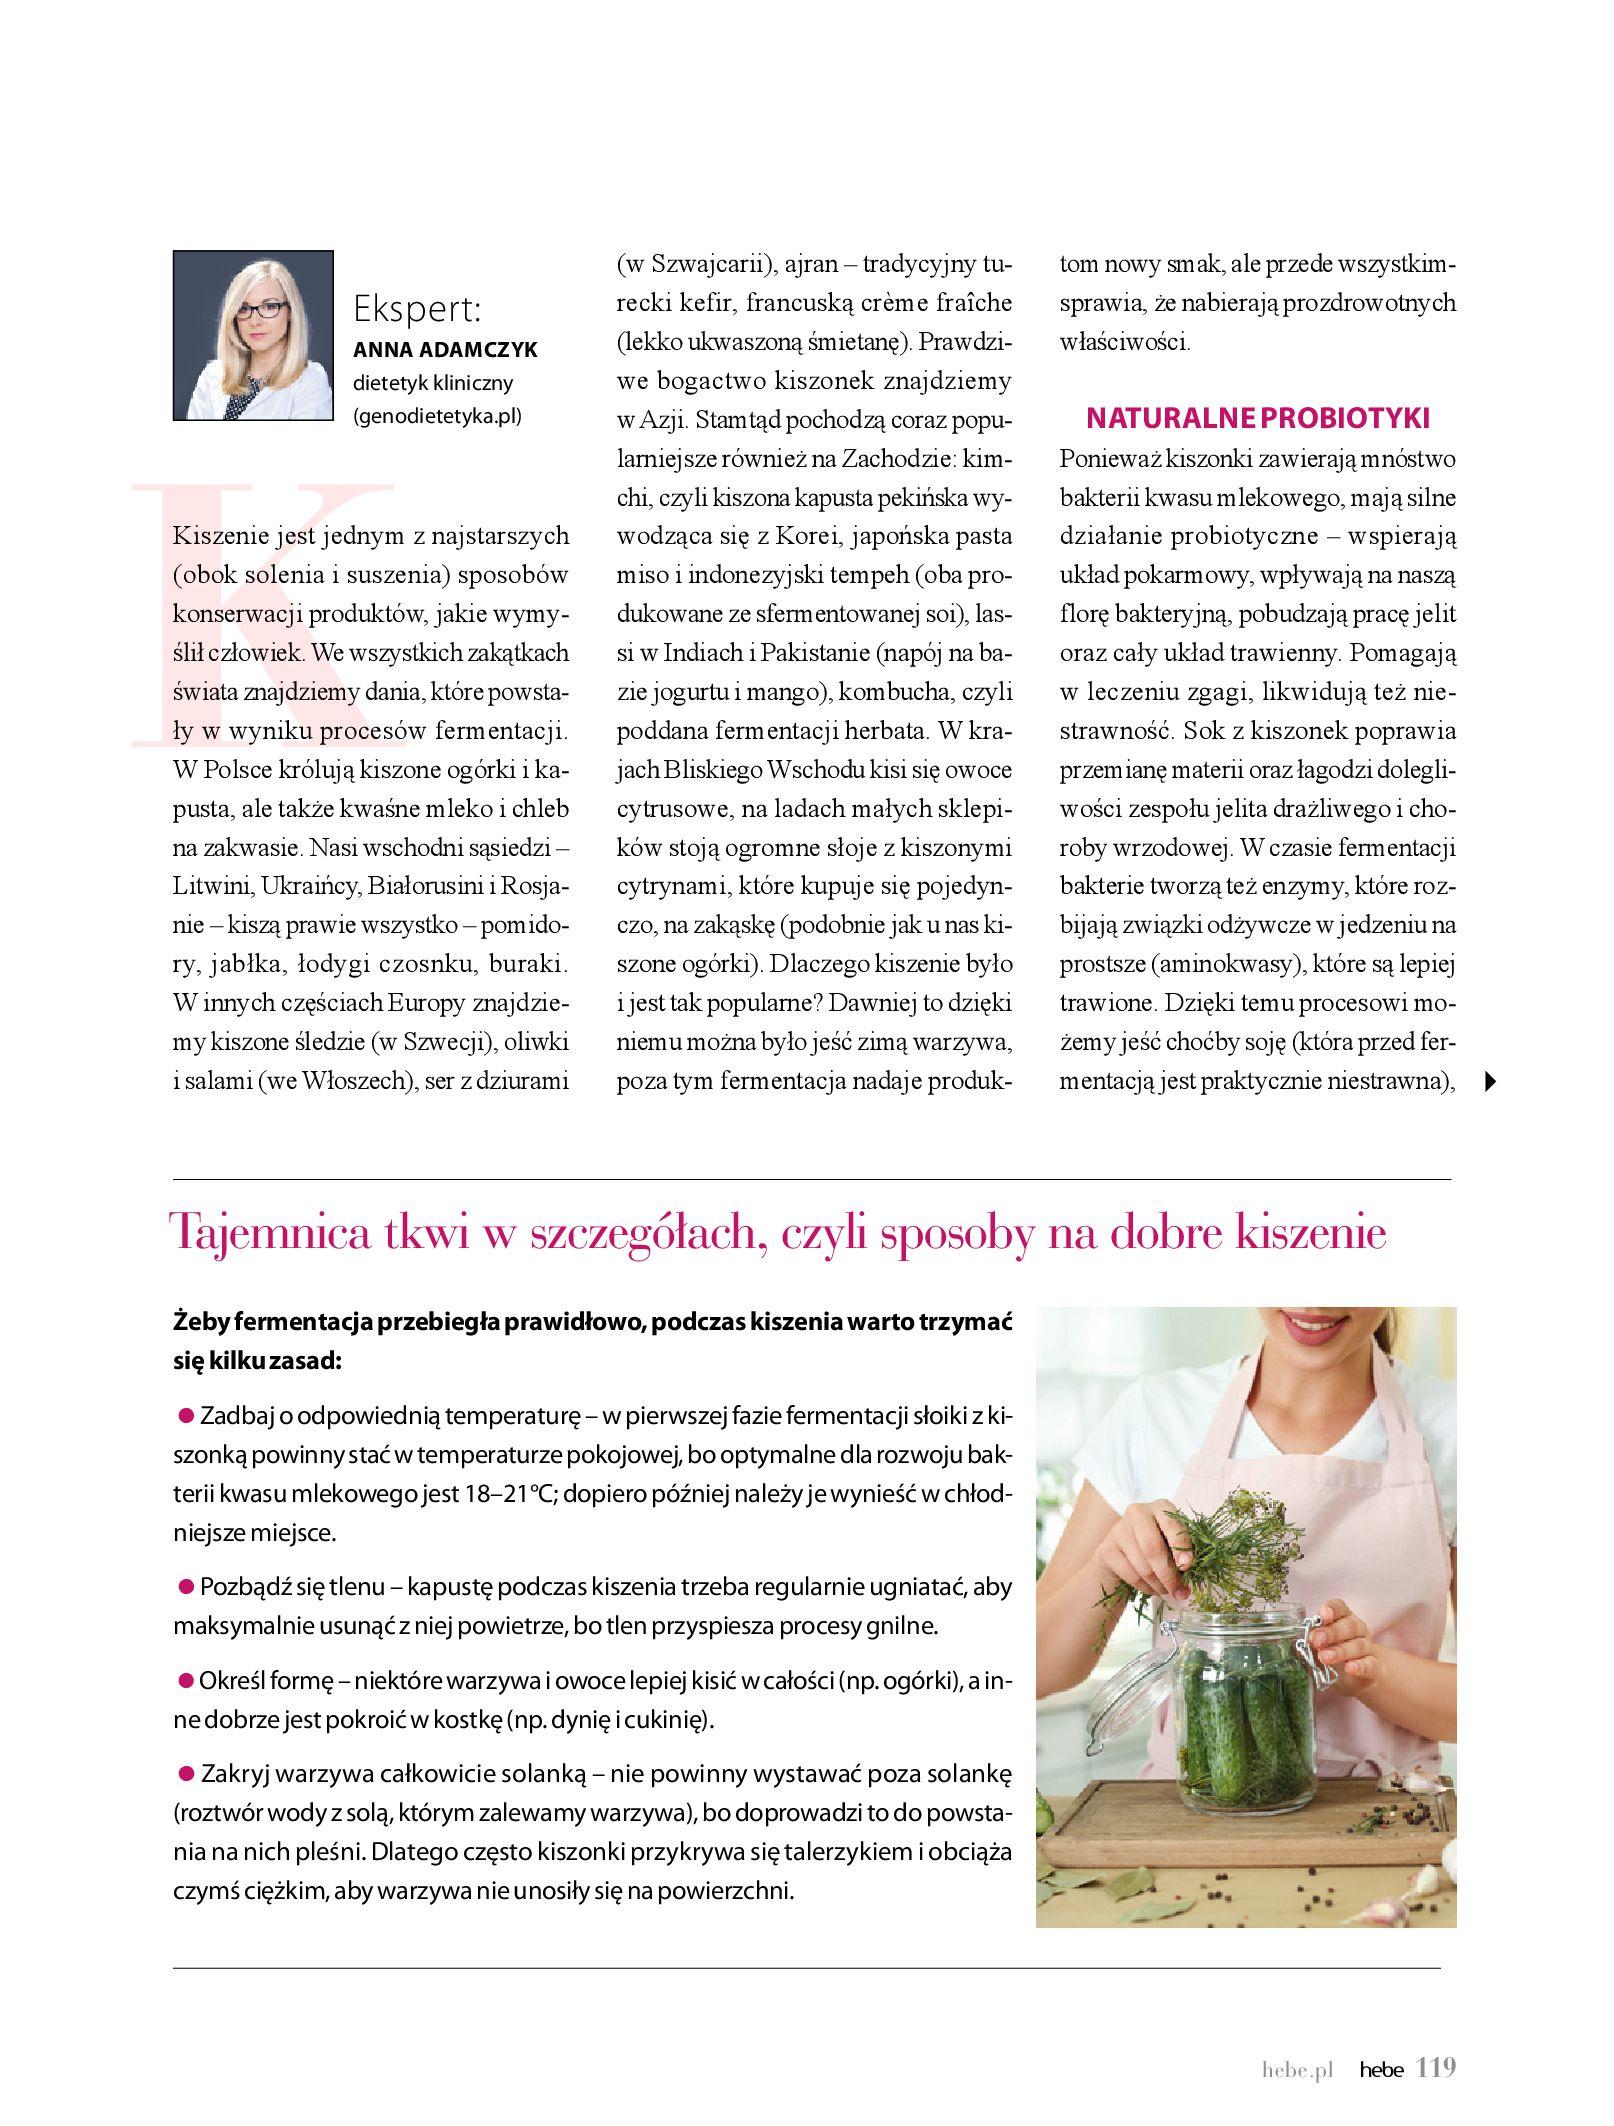 Gazetka hebe: Magazyn hebe 2021-03-11 page-119